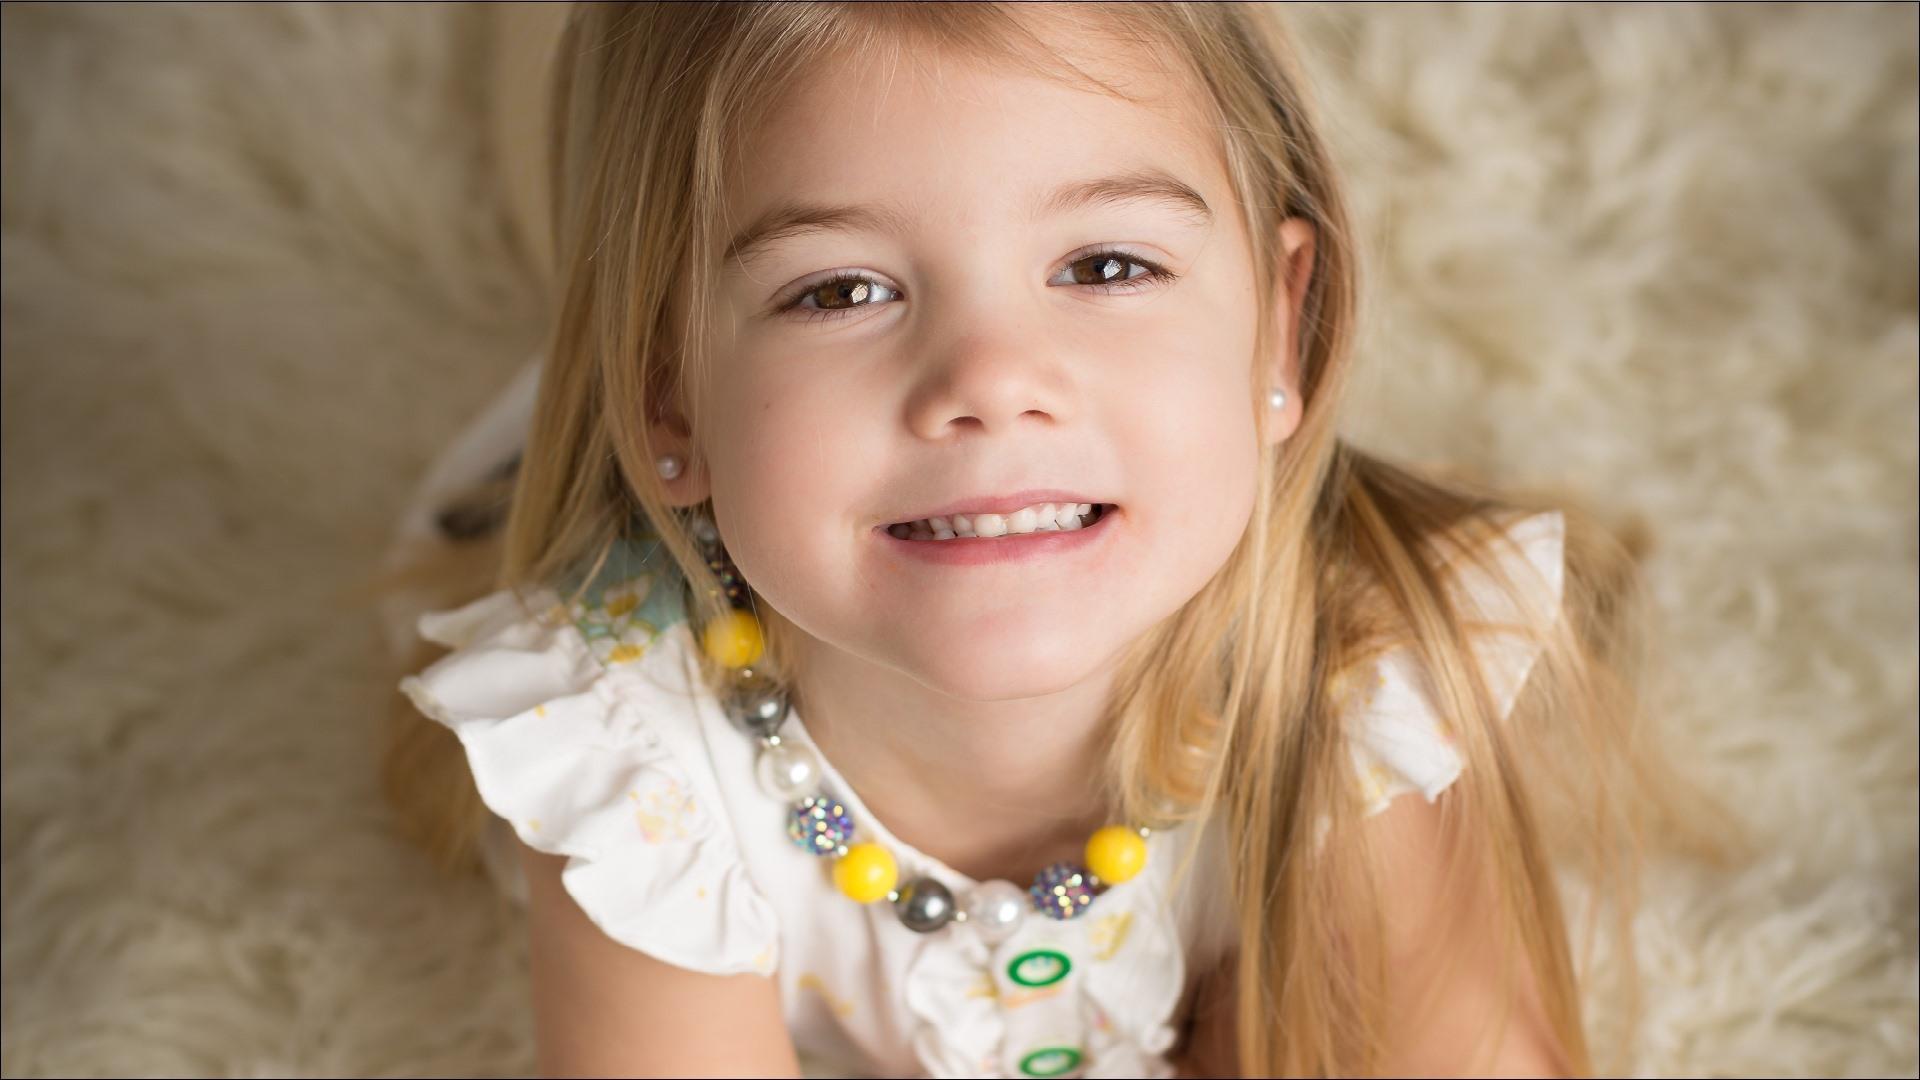 Wallpaper Lovely Blonde Little Girl Child Smile 1920x1080 Full Hd 2k Picture Image